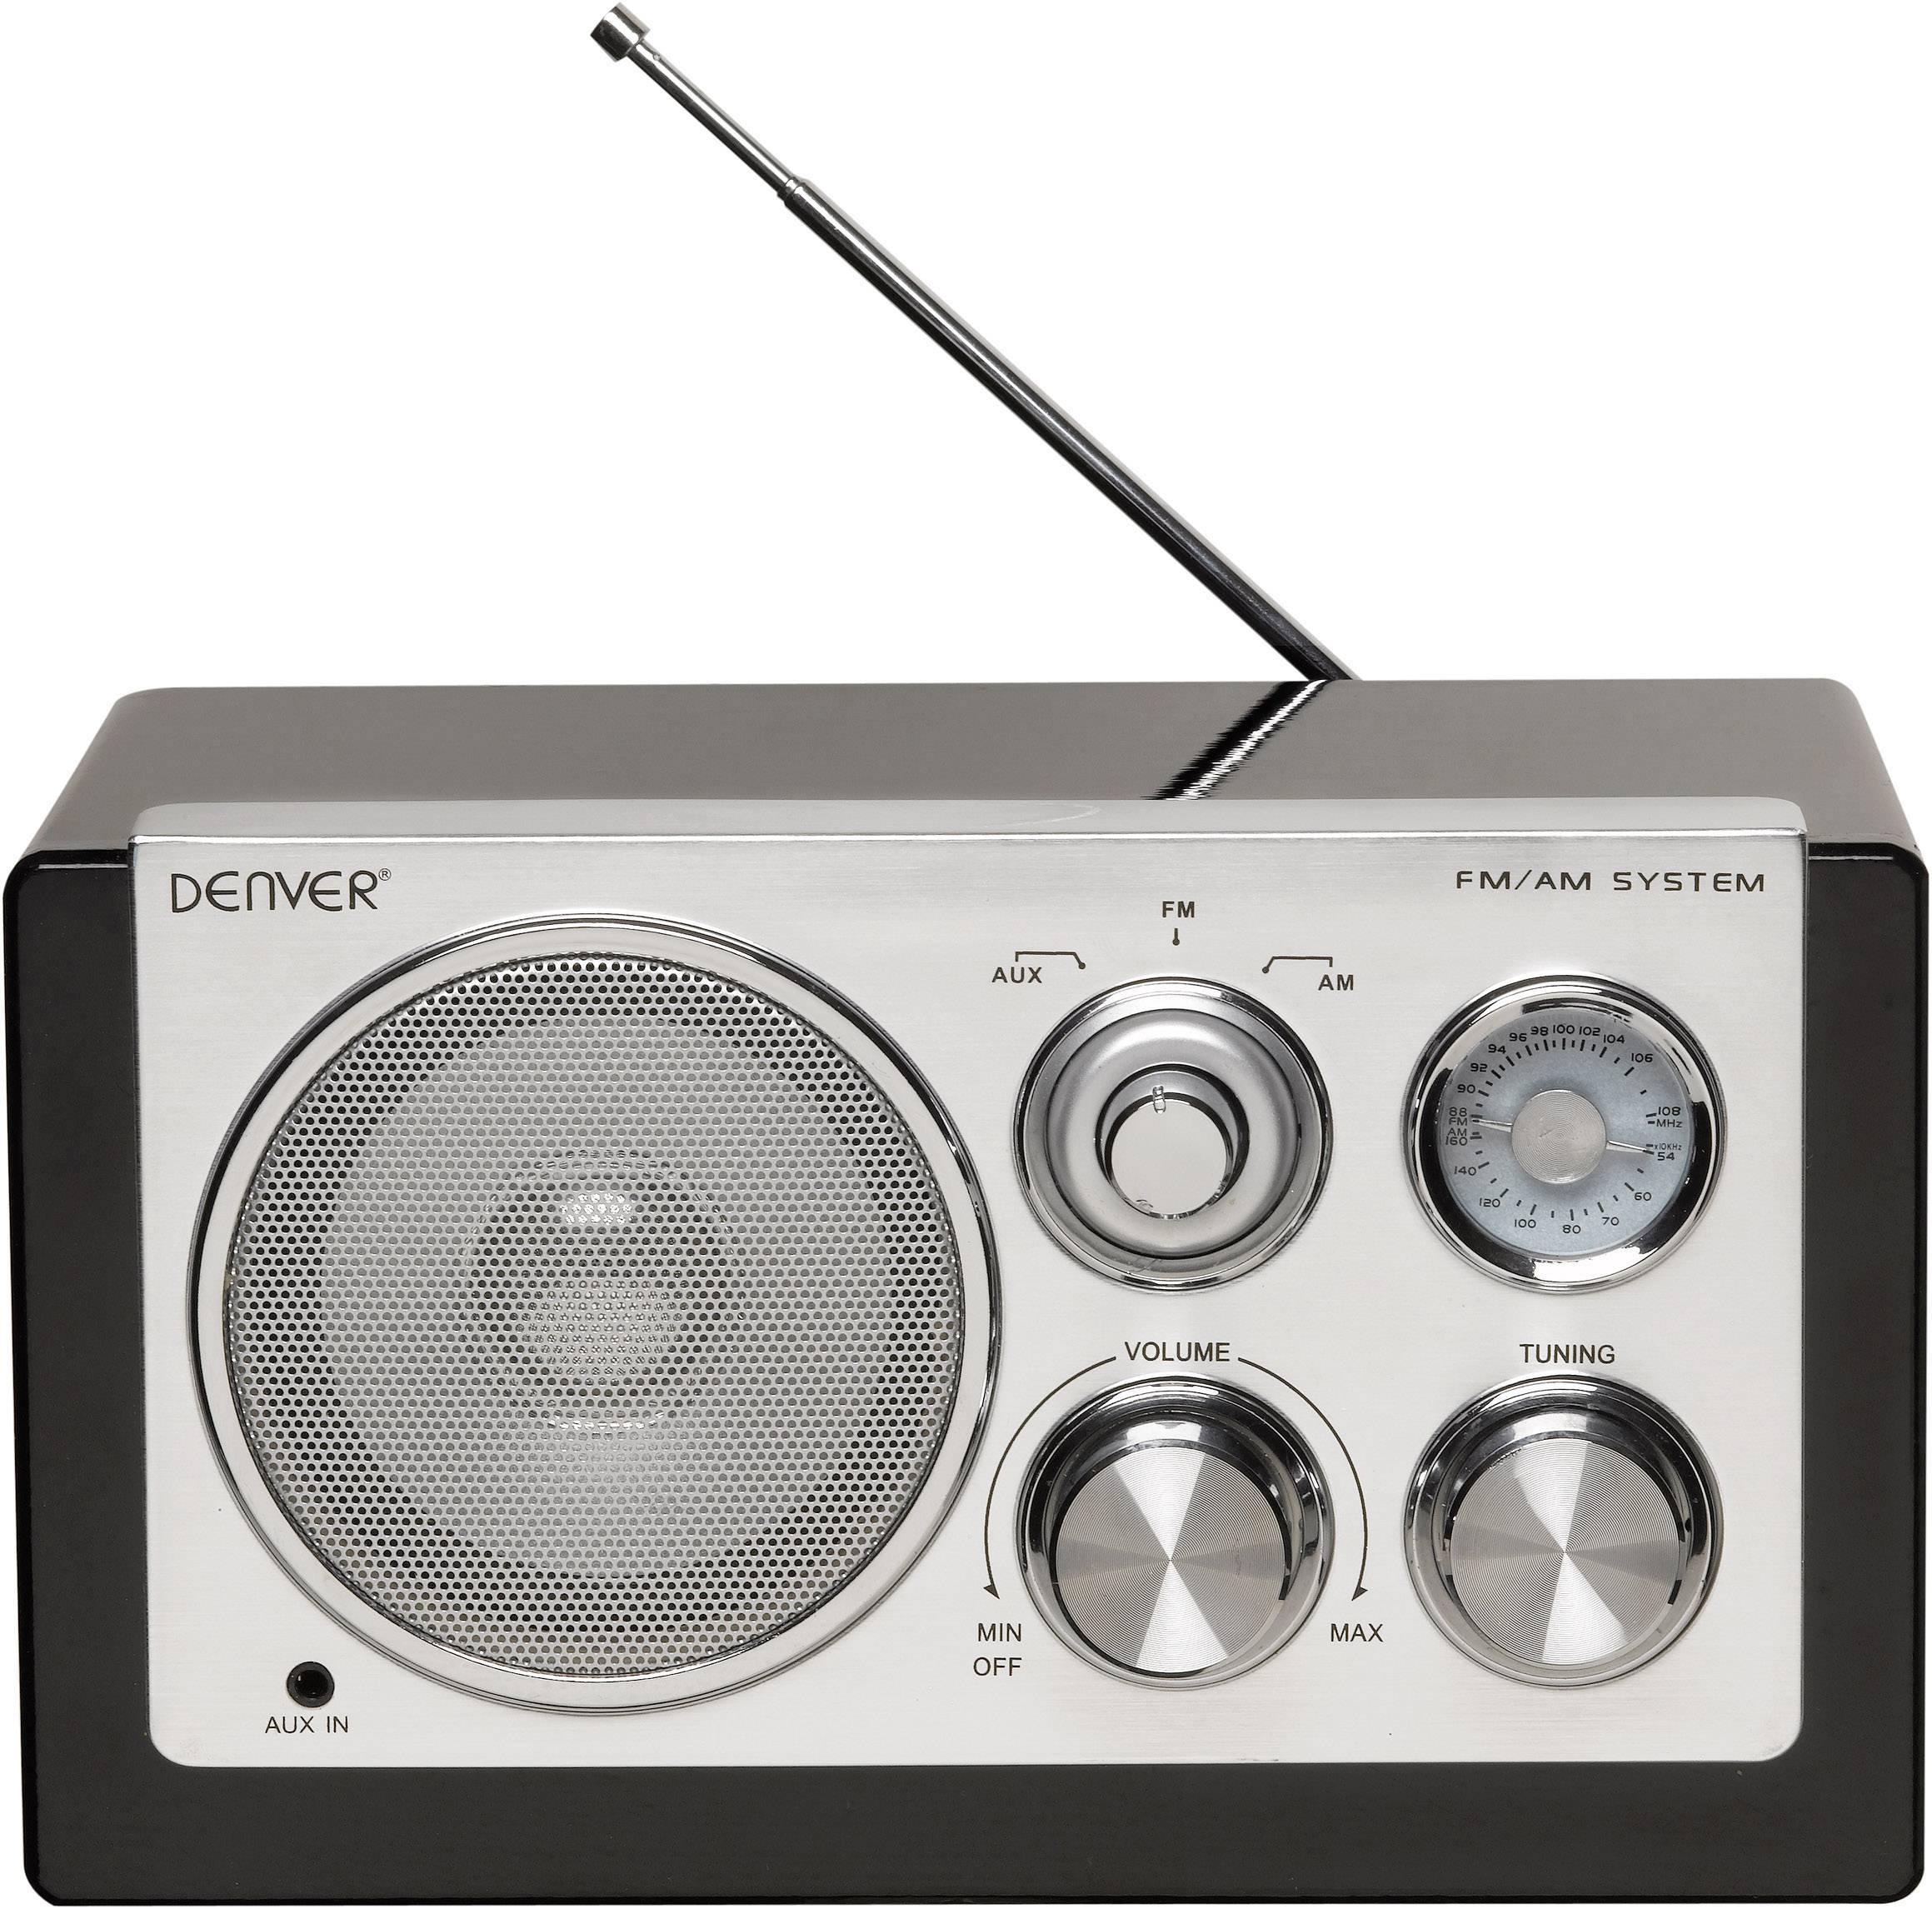 FM stolné rádio Denver TR-61, AUX, MW, UKW, čierna, strieborná